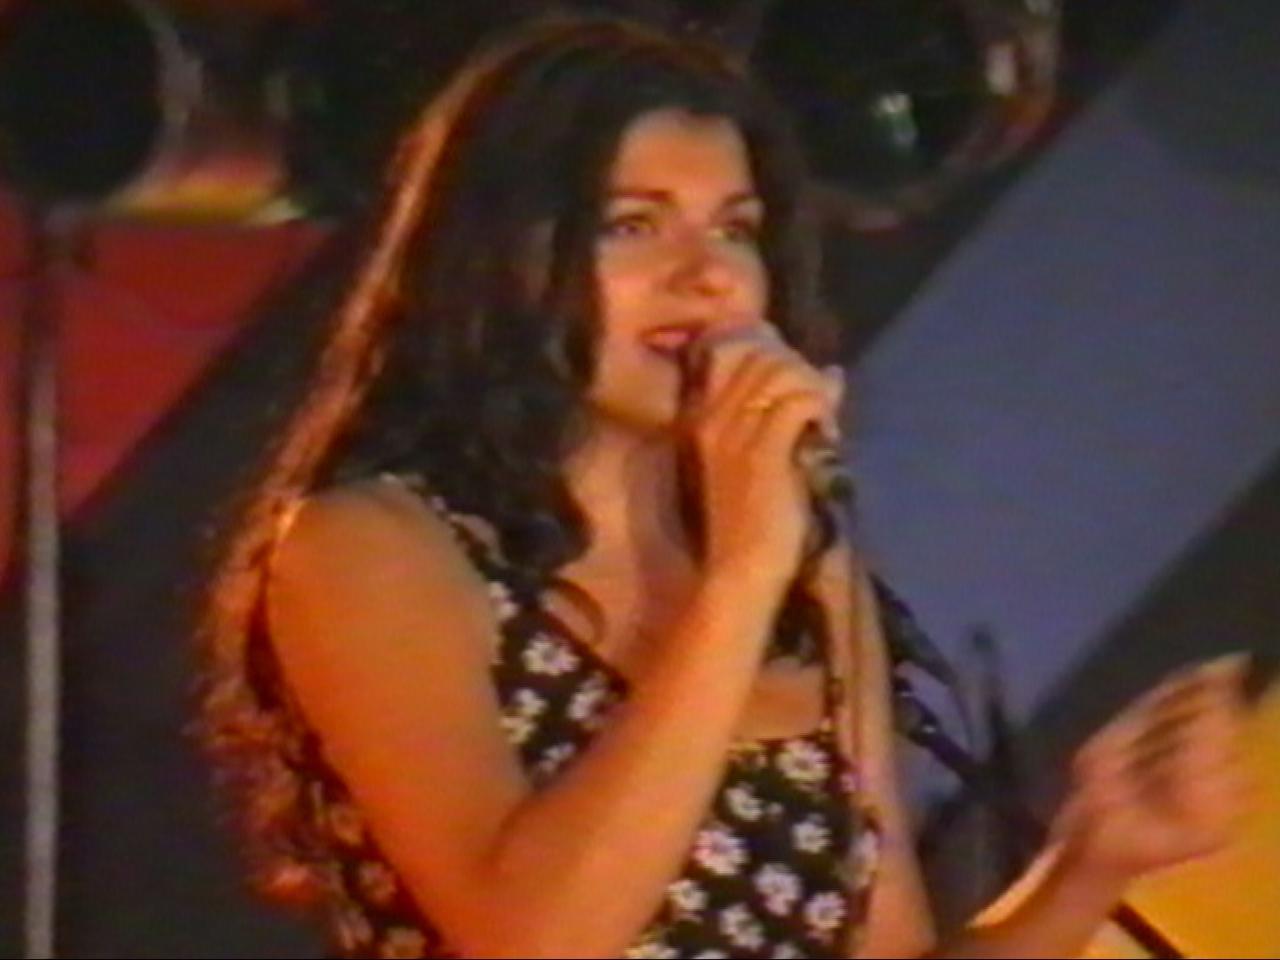 Amara 1996 - IrinaNicolae.jpg